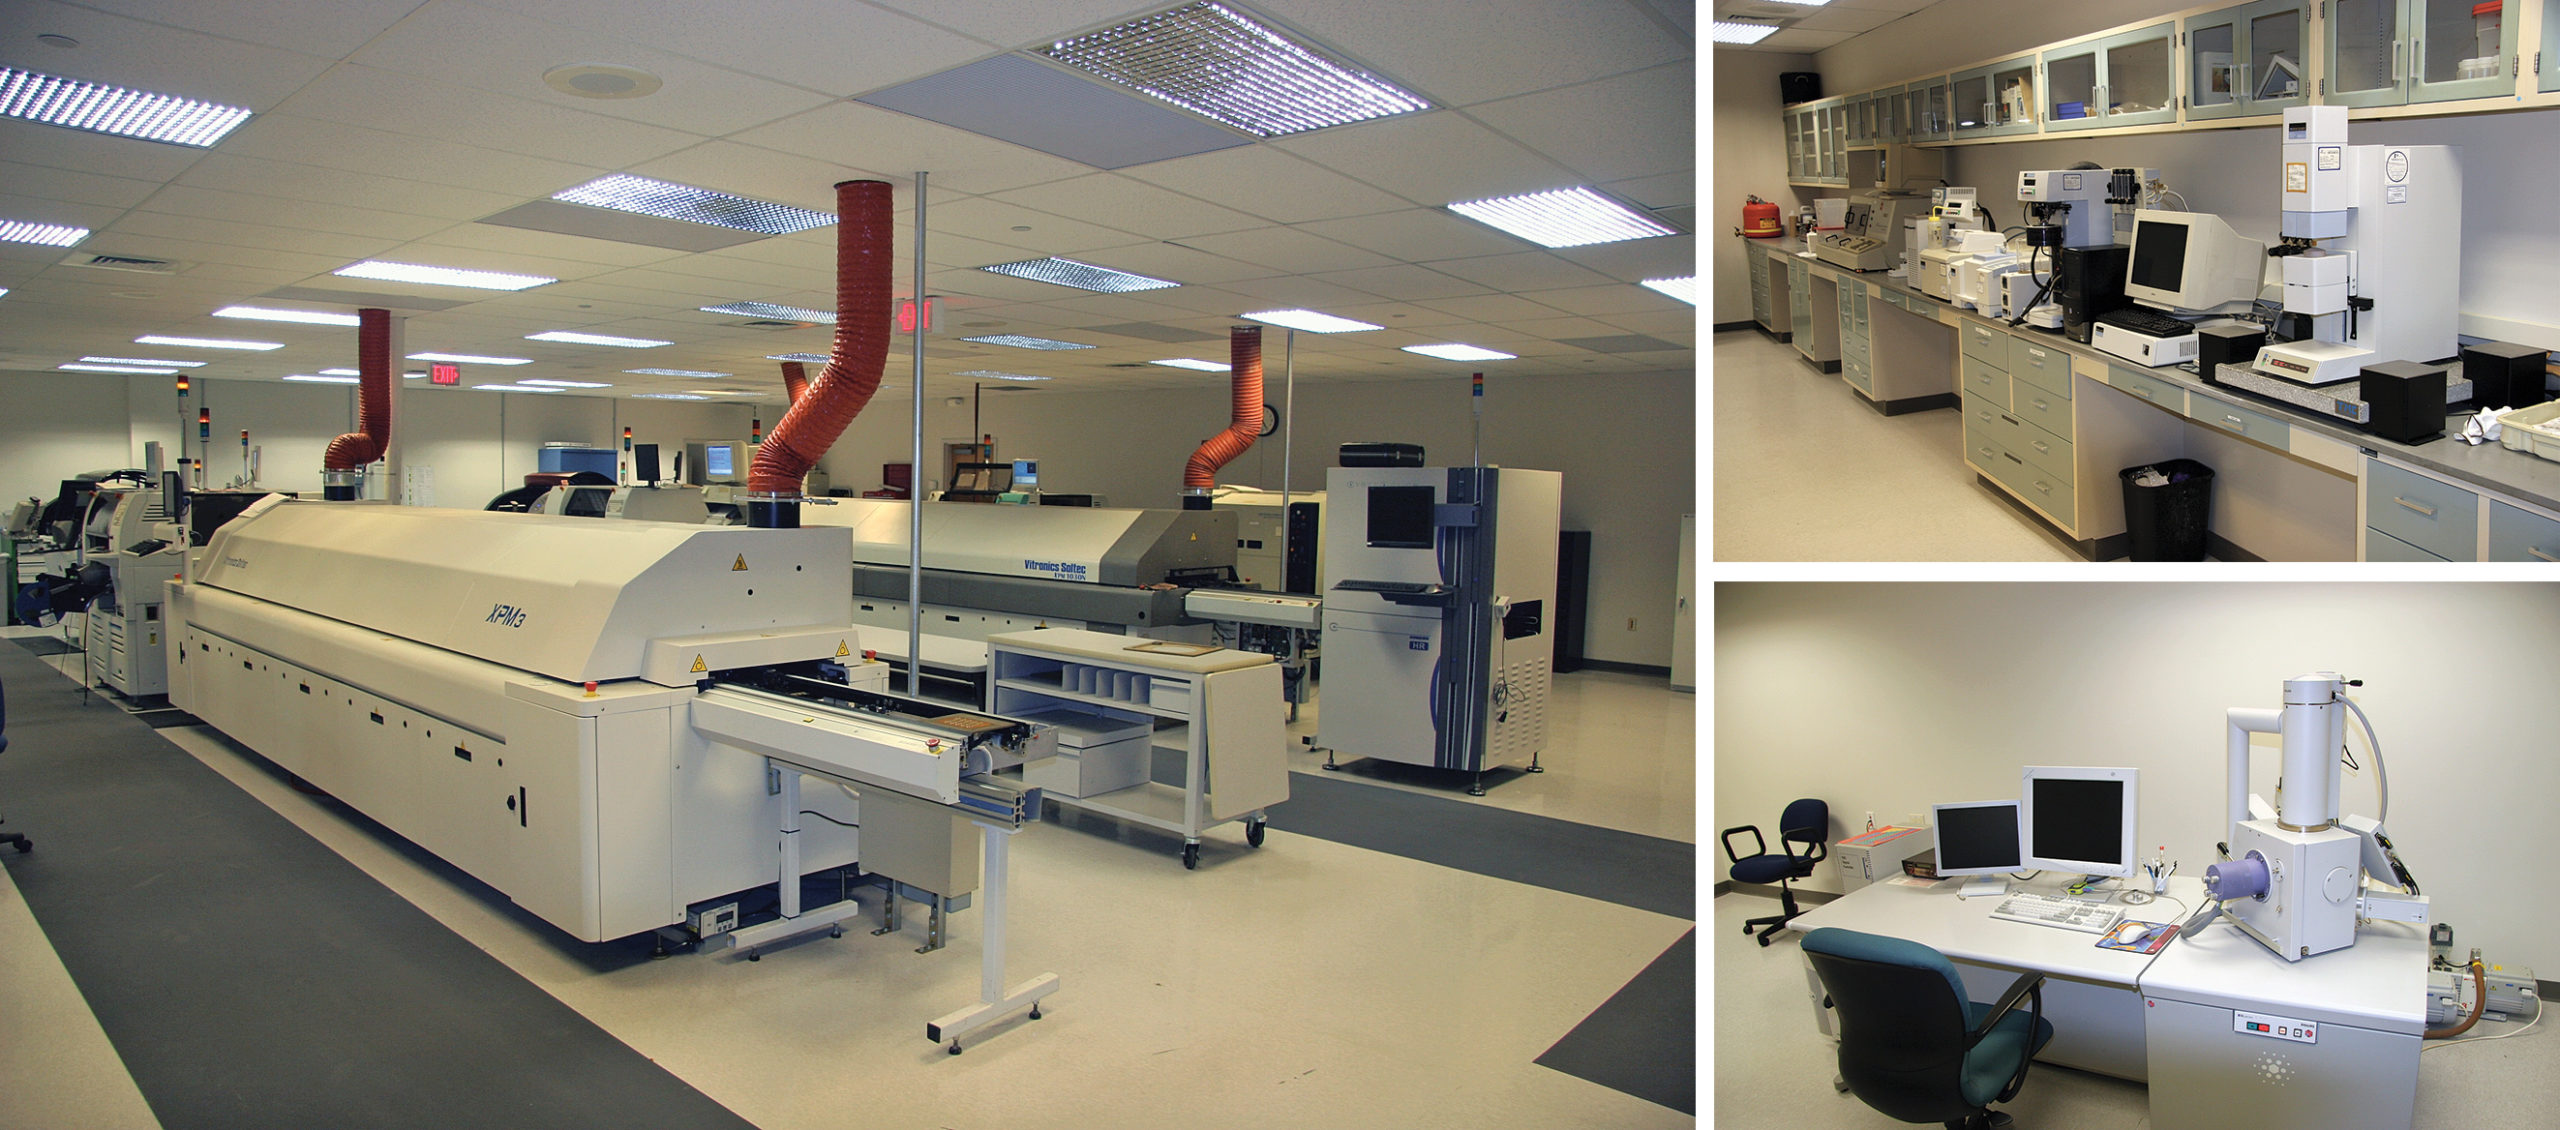 Образцы оборудования, используемого для проведения исследований в Лаборатории APL